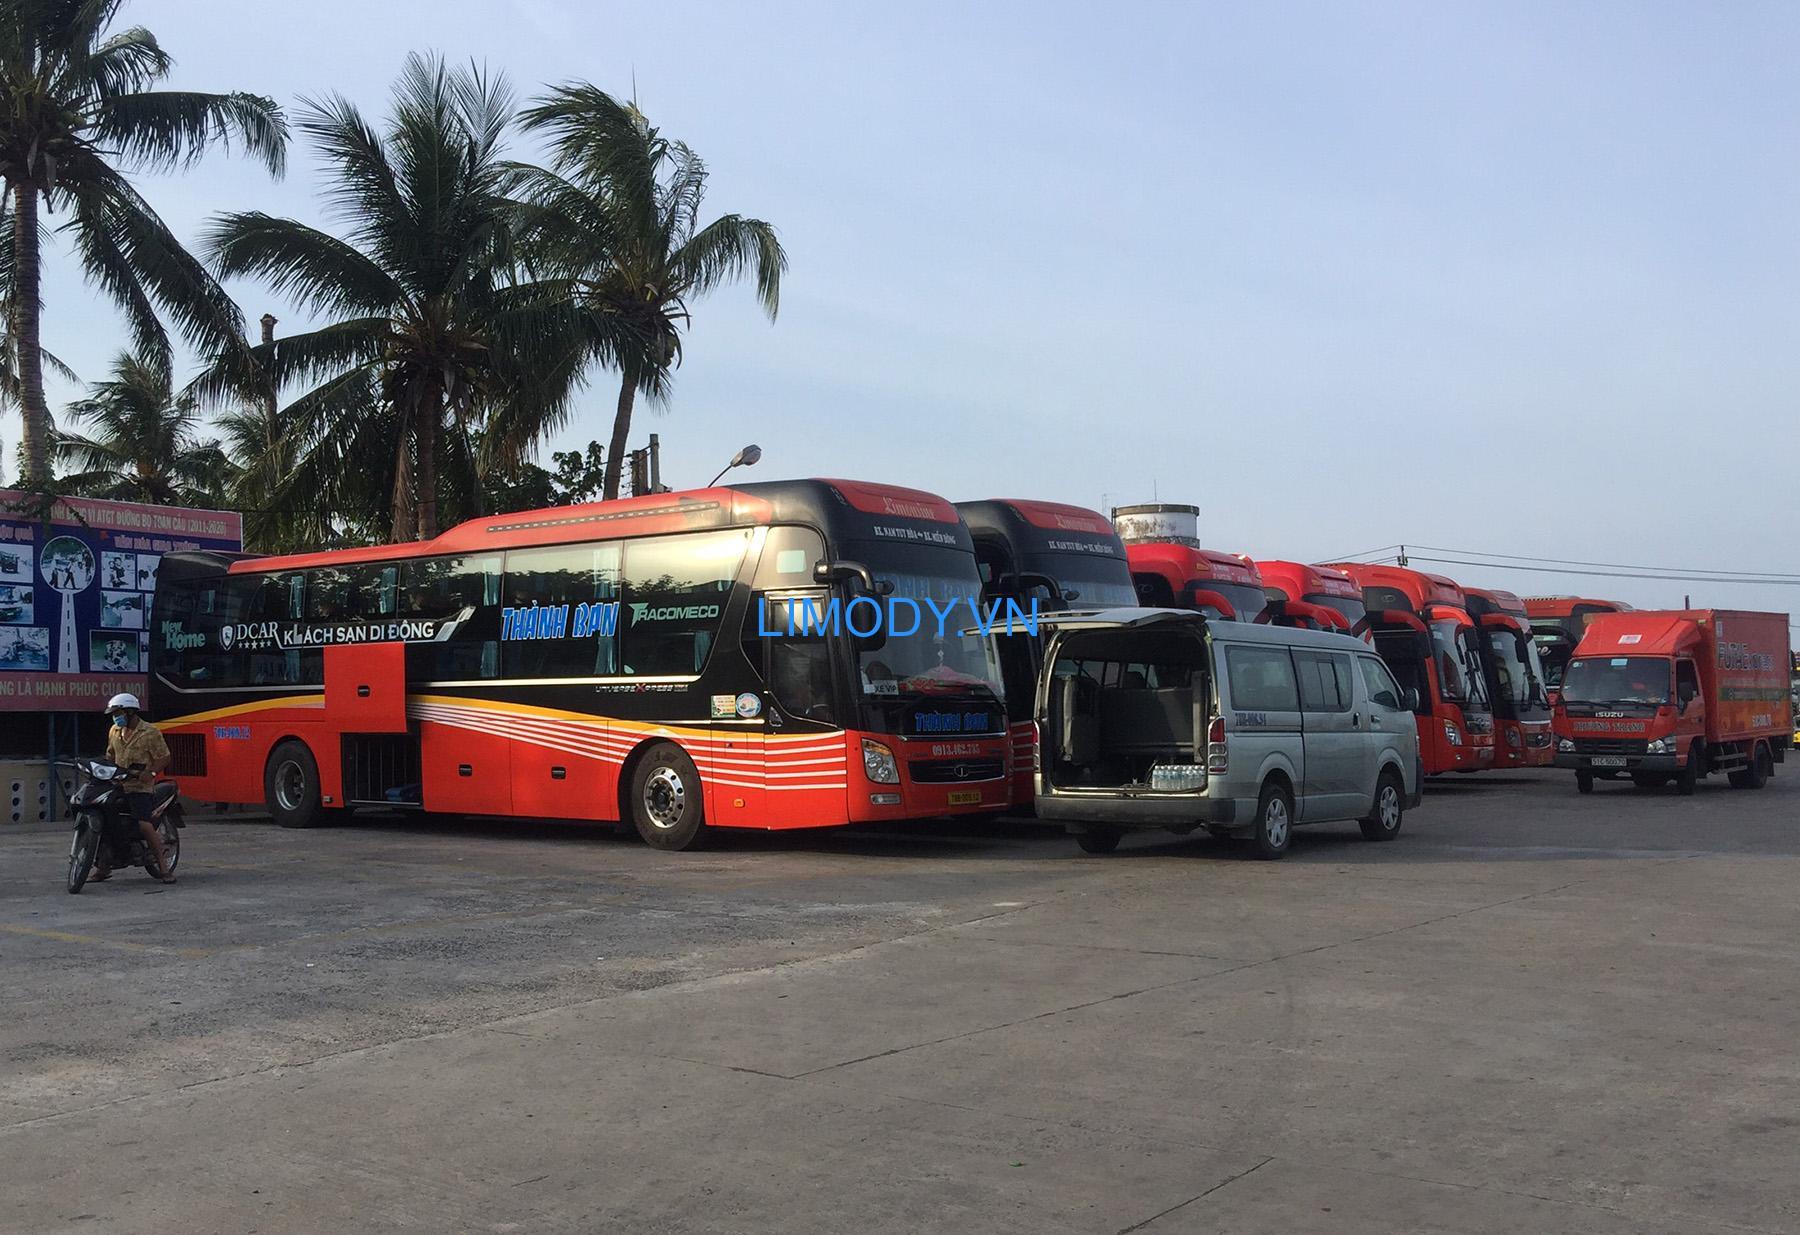 Bến xe Phú Yên ở đâu? Danh sách các nhà xe trong tỉnh đi các tỉnh khác